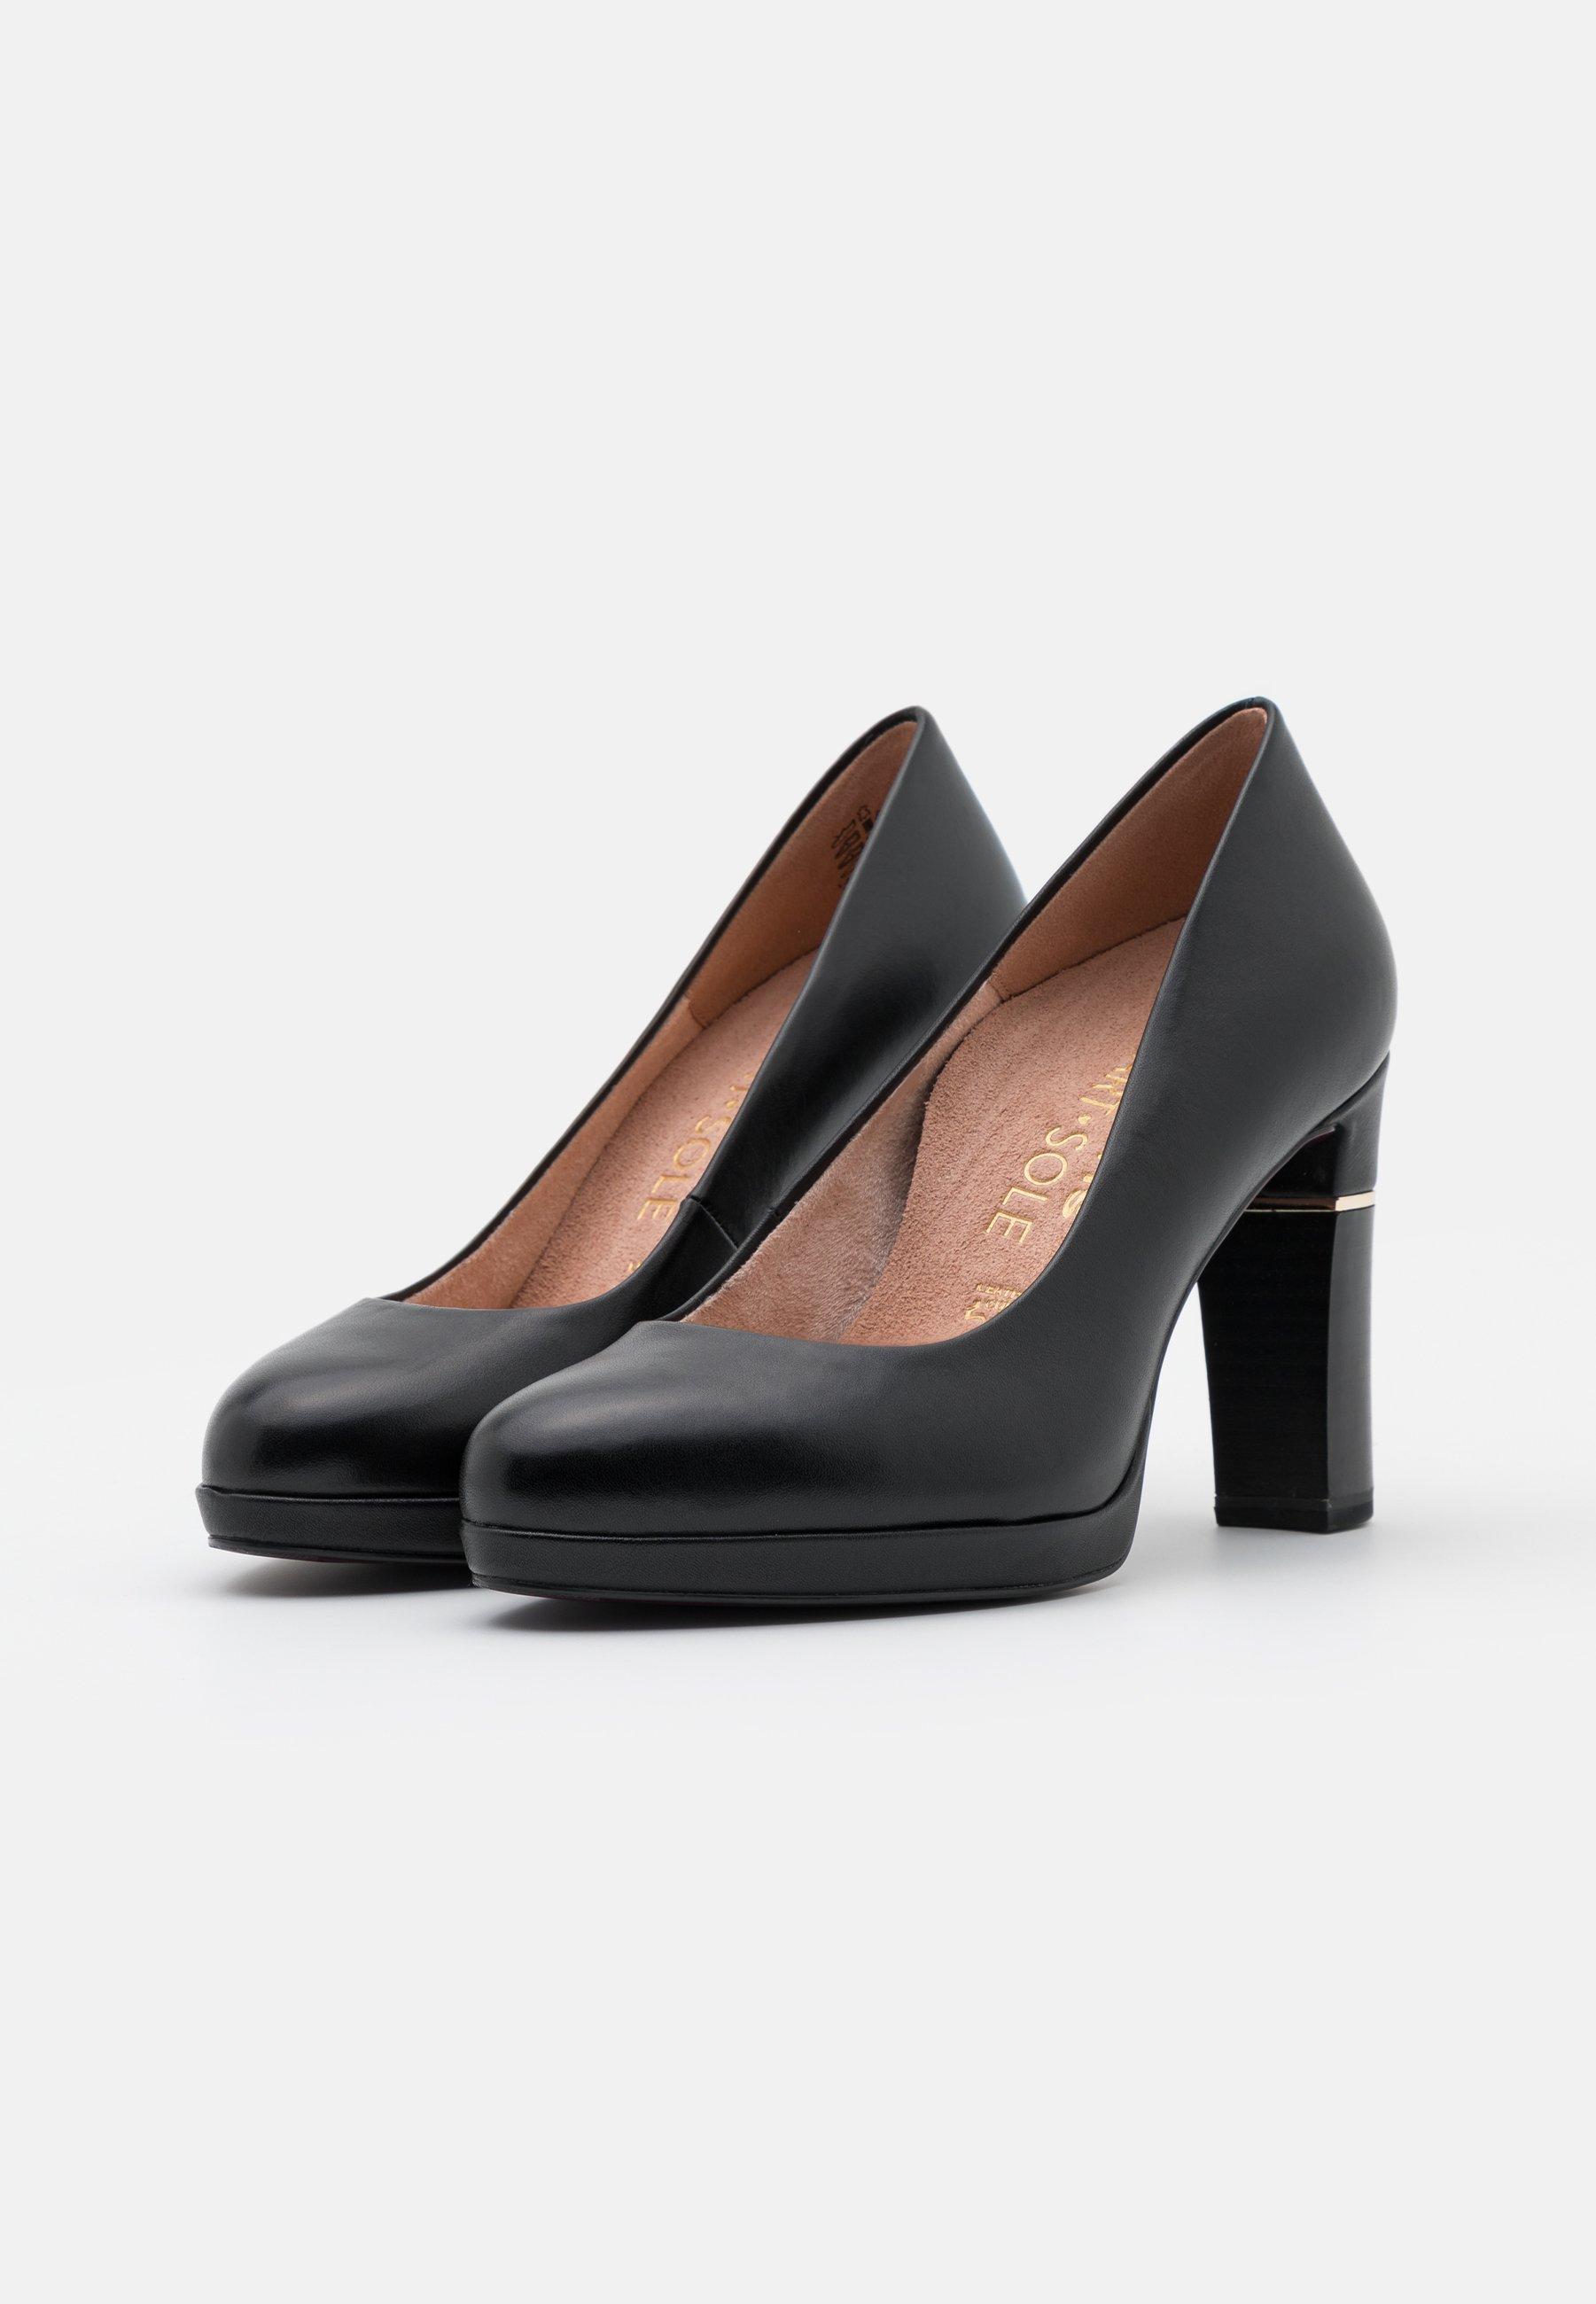 Tamaris Heart & Sole COURT SHOE High Heel Pumps black/schwarz